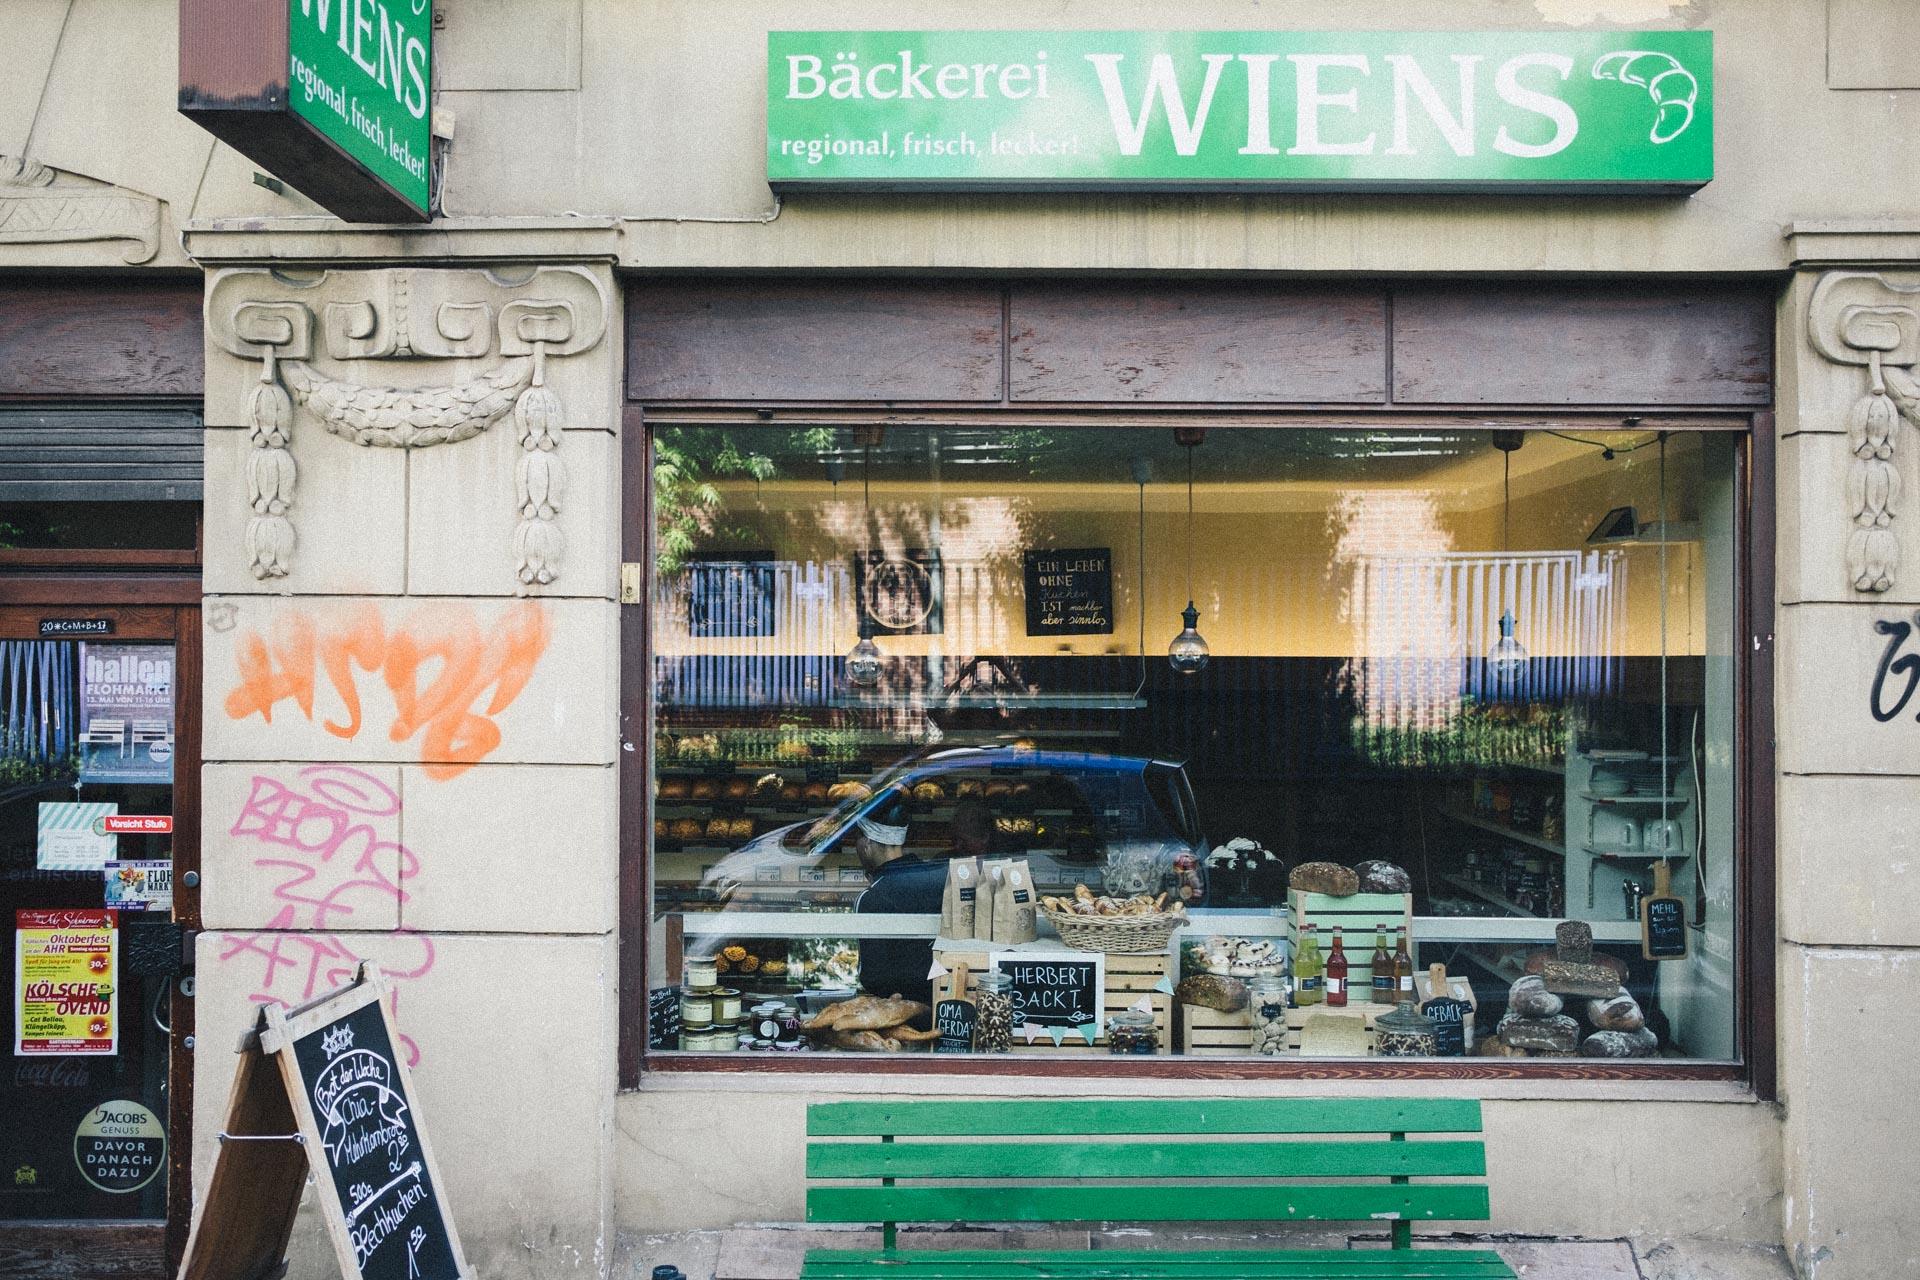 wearecity-baeckerei-wiens-guide-koeln-atheneadiapoulis-2017-1.jpg